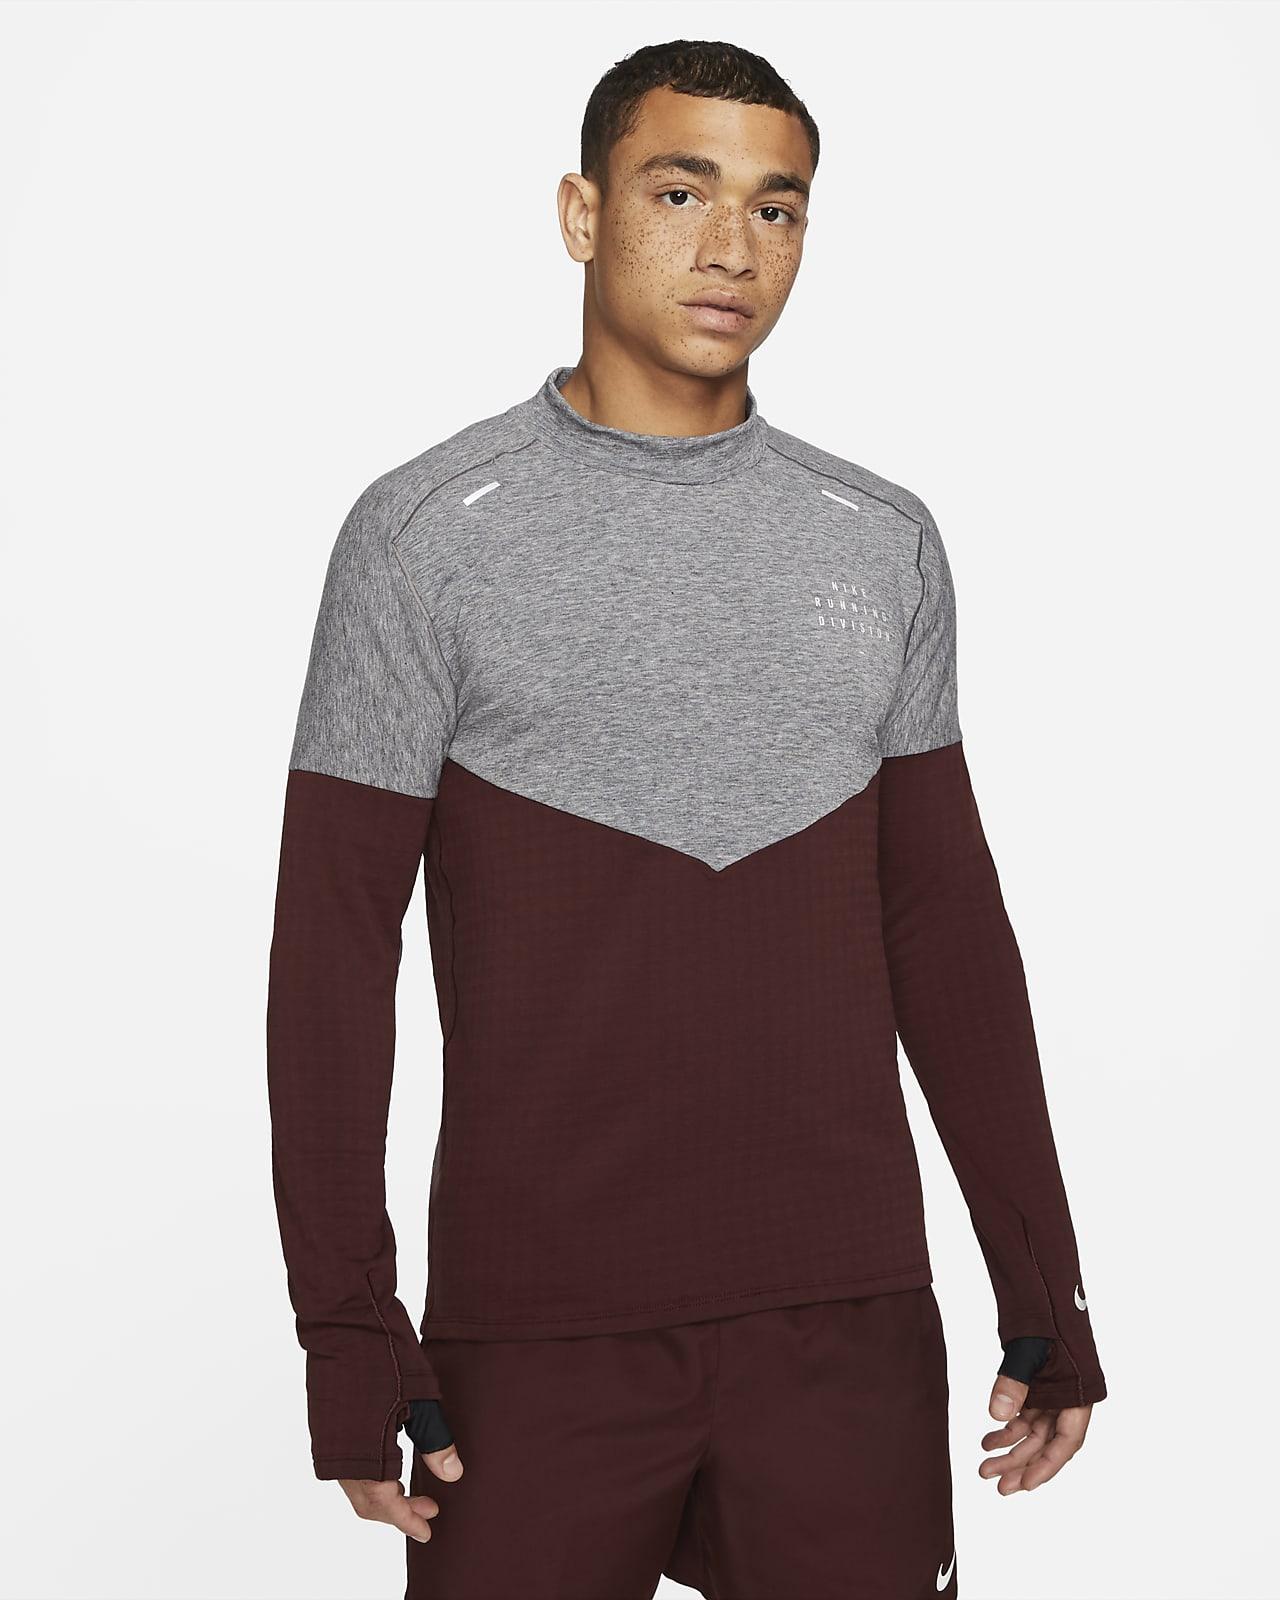 Löpartröja i ull Nike Sphere Run Division för män